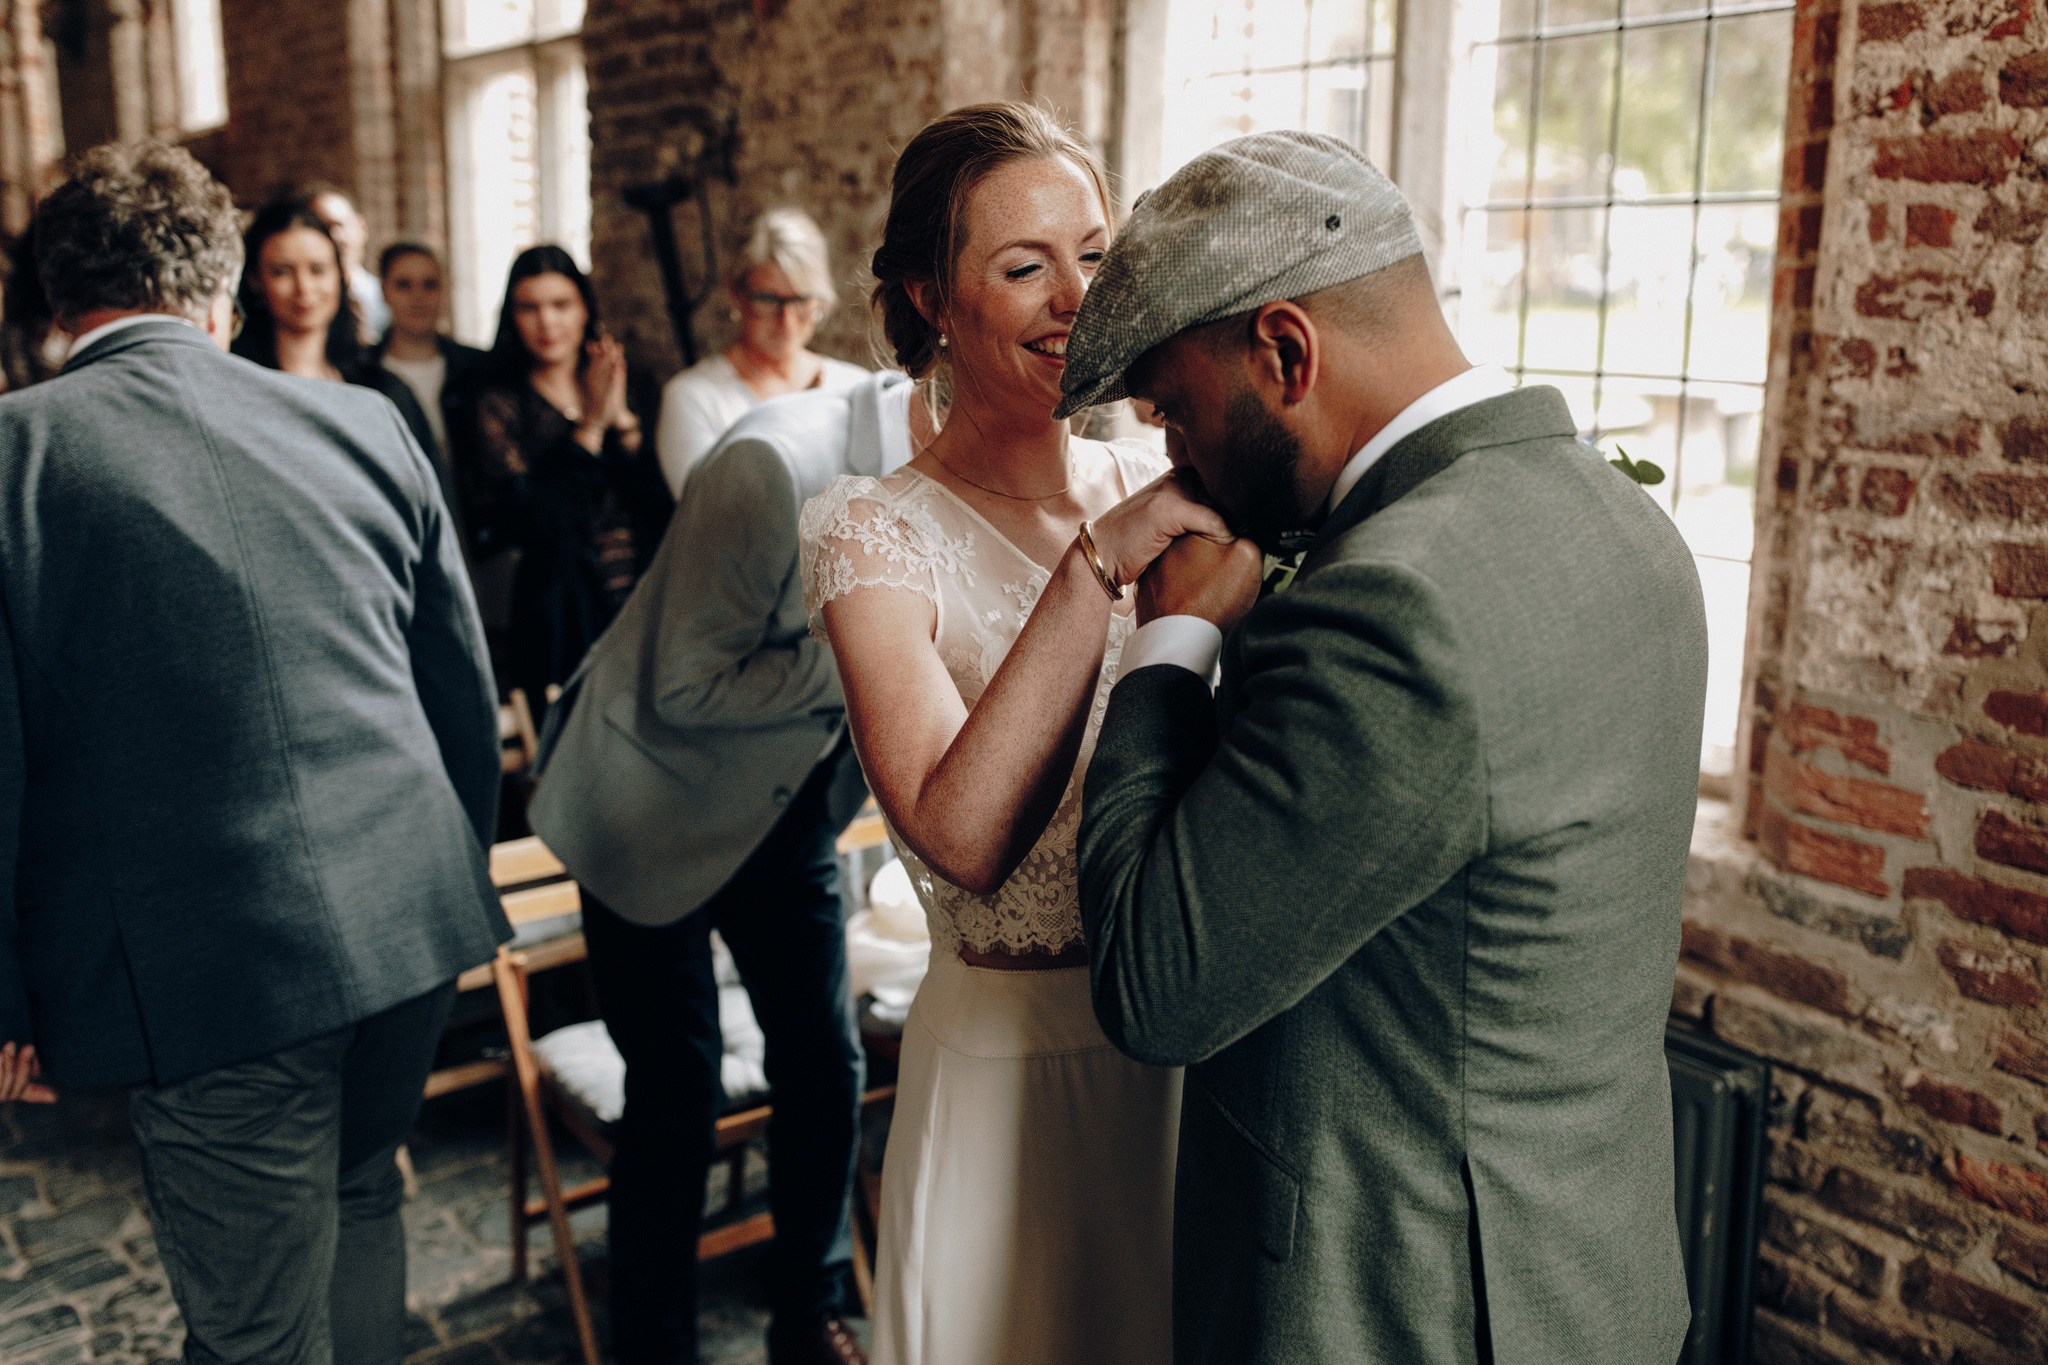 Bruidegom kust hand bruid bij trouwceremonie Kloster Graefenthal